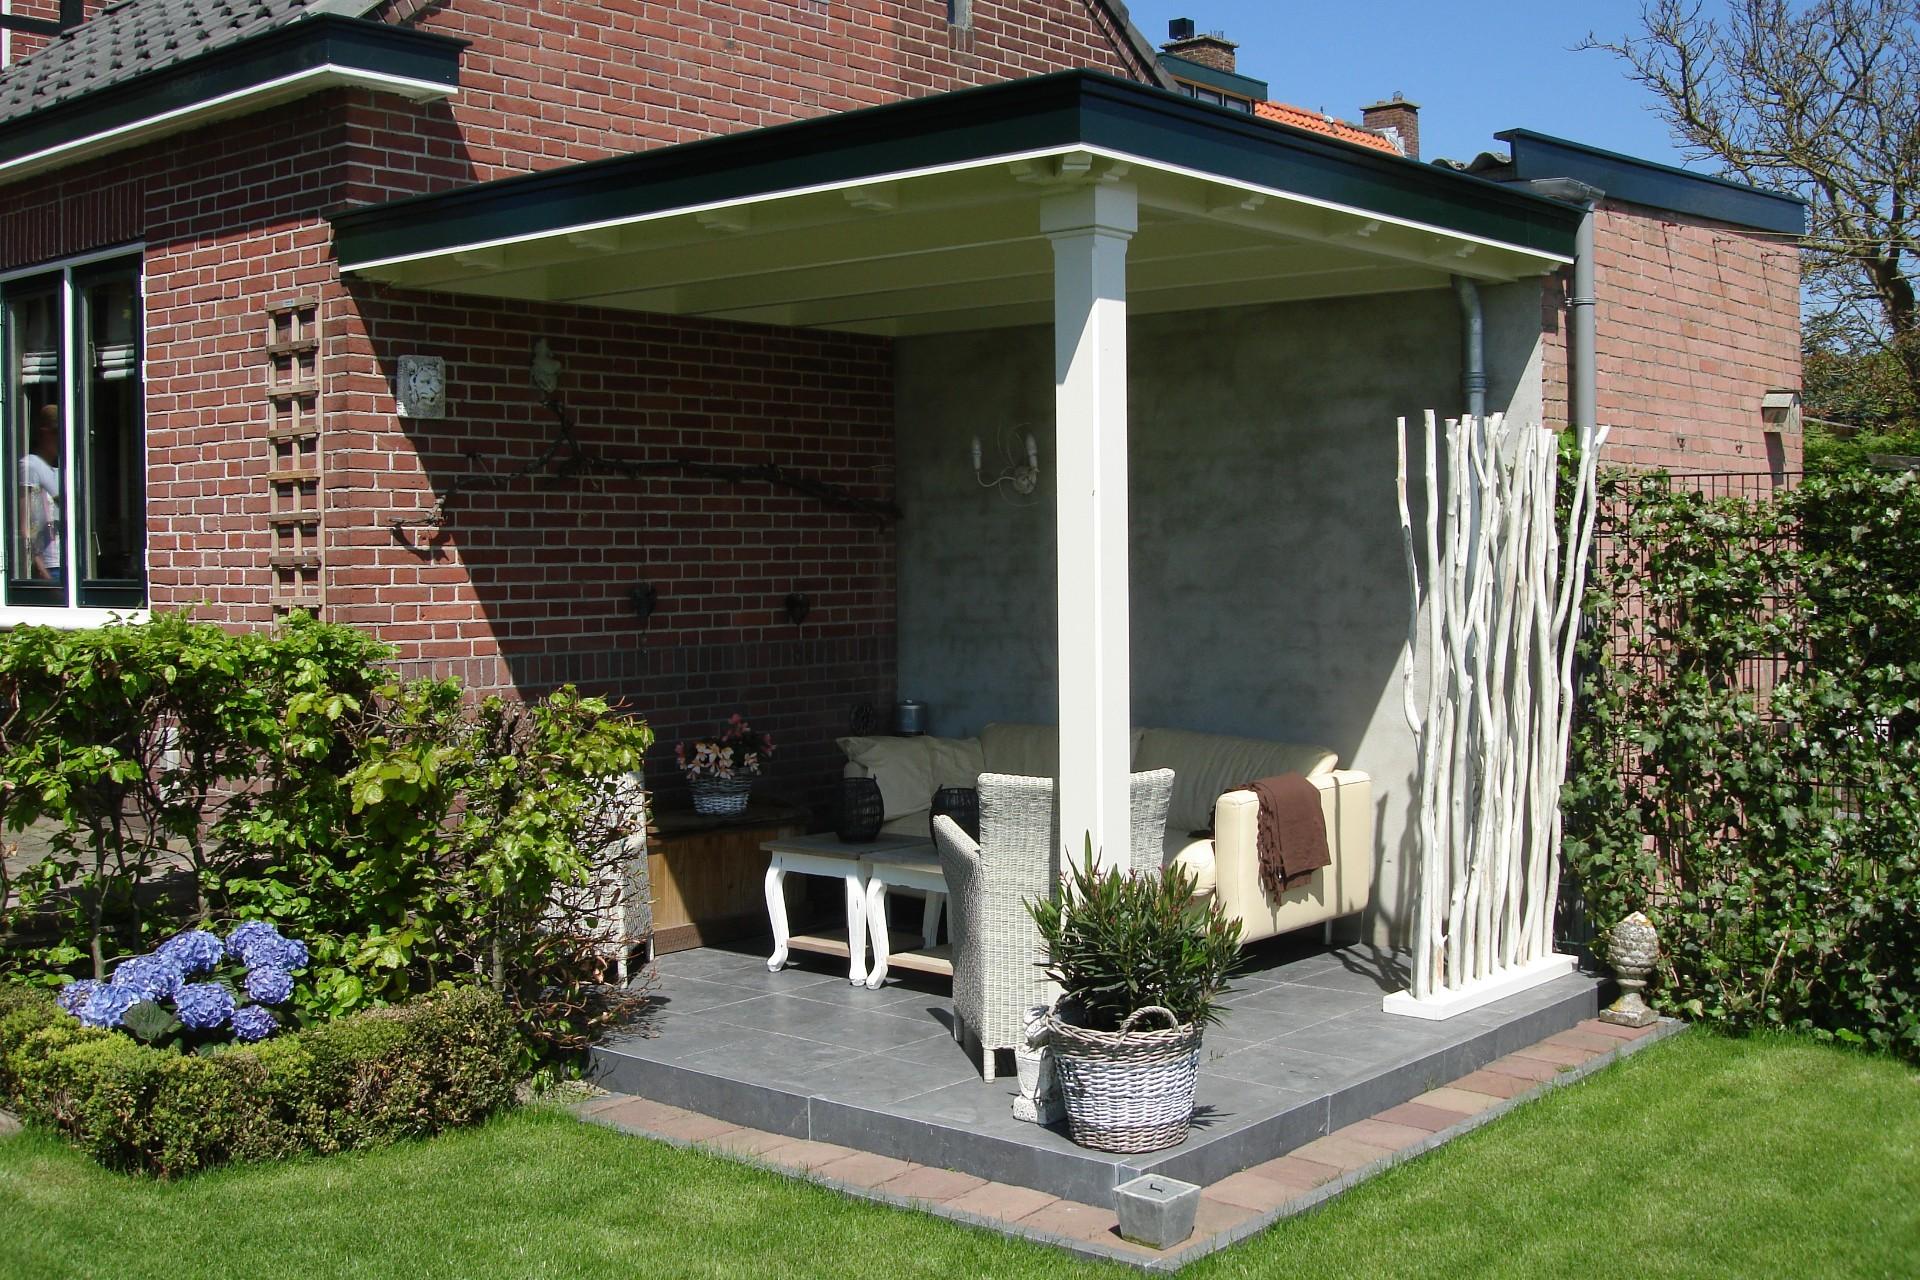 Buitenleven veranda het rijke buitenleven met een veranda verandaservice - De mooiste verandas ...